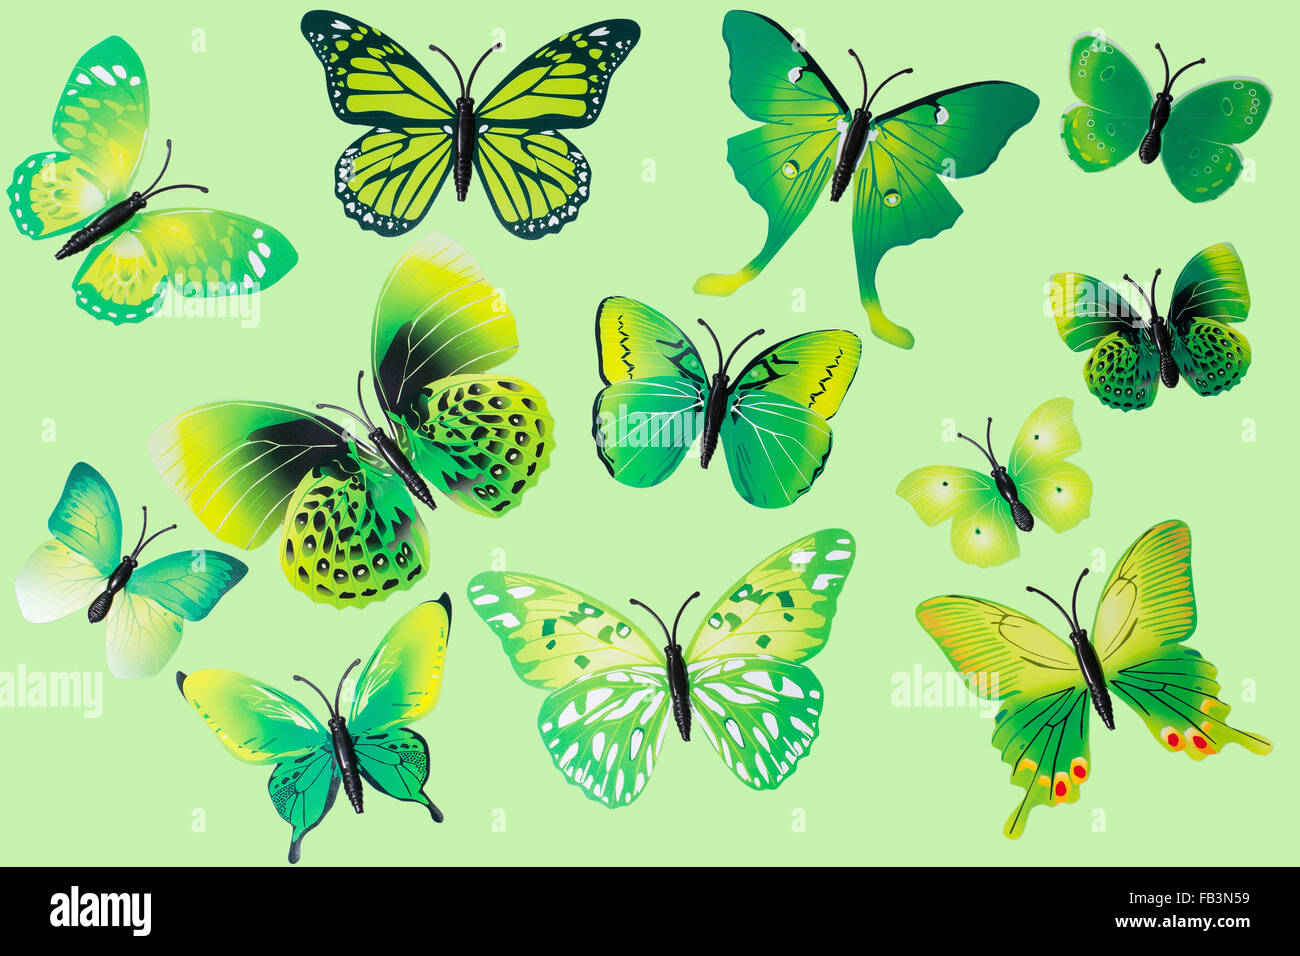 Colección de mariposas fantasía Verde Galería de imágenes Imagen De Stock